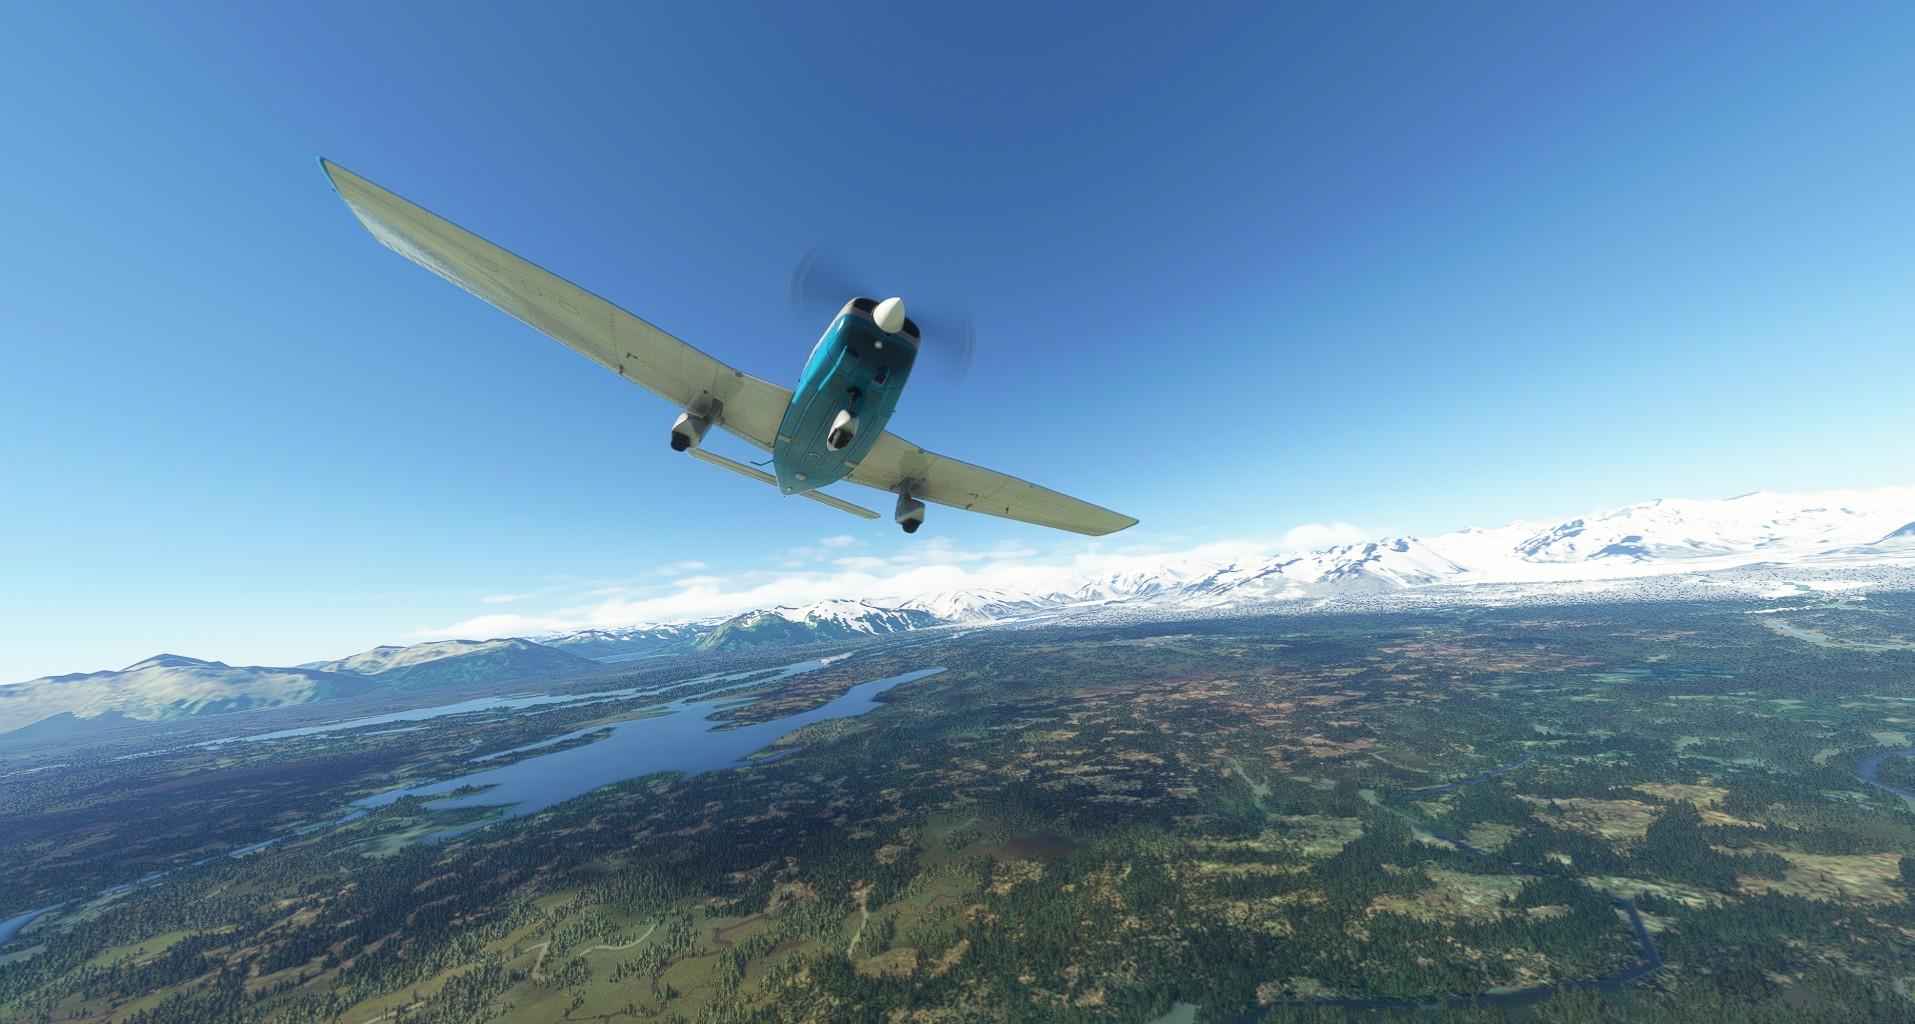 Microsoft Flight Simulator sim update v world hotfix patch Piper Warrior